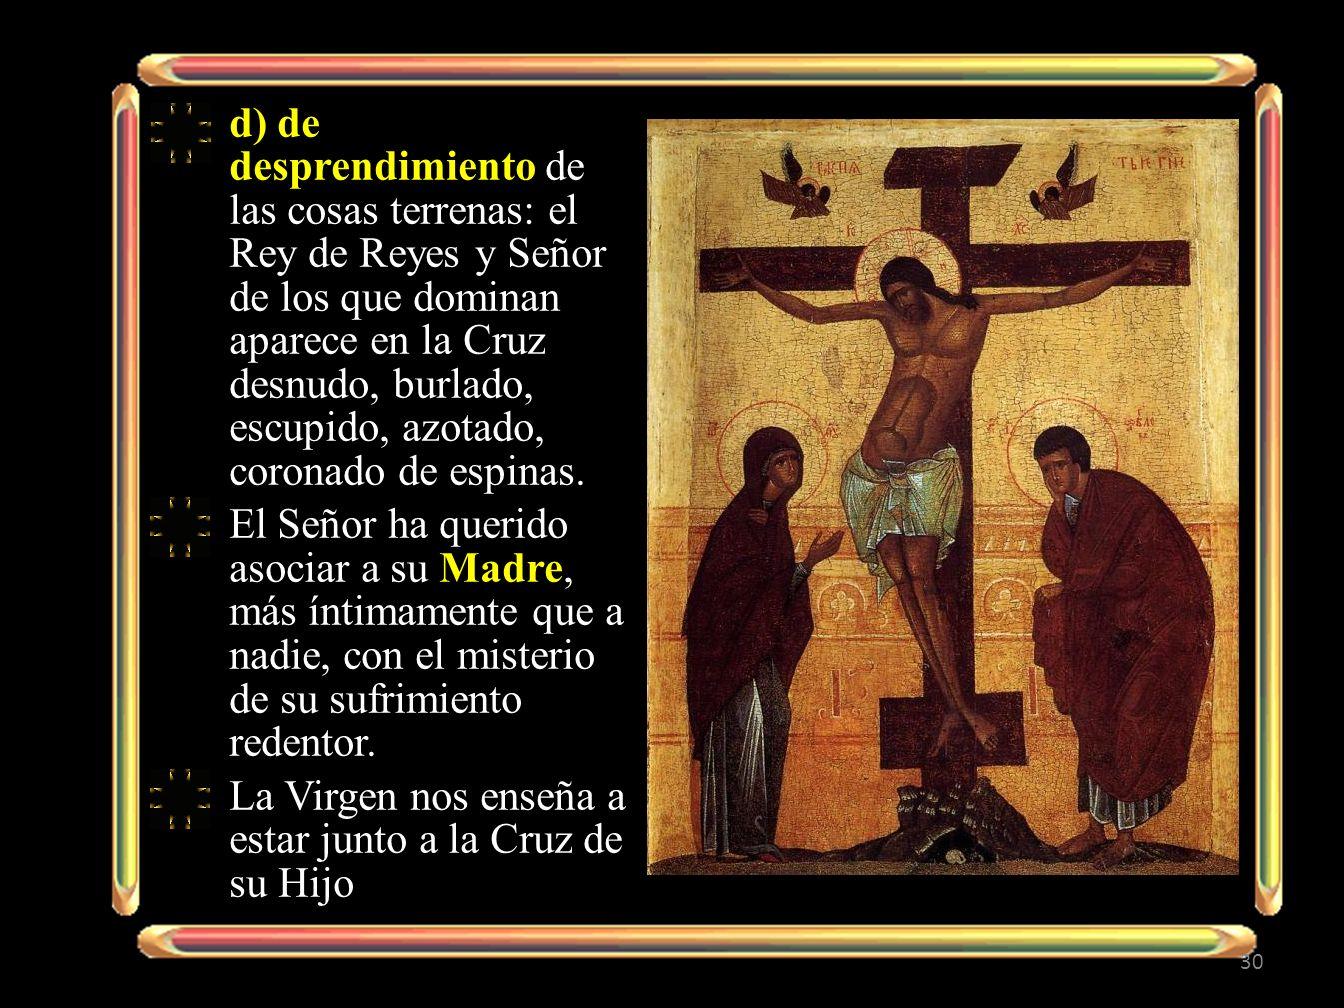 d) de desprendimiento de las cosas terrenas: el Rey de Reyes y Señor de los que dominan aparece en la Cruz desnudo, burlado, escupido, azotado, coronado de espinas.